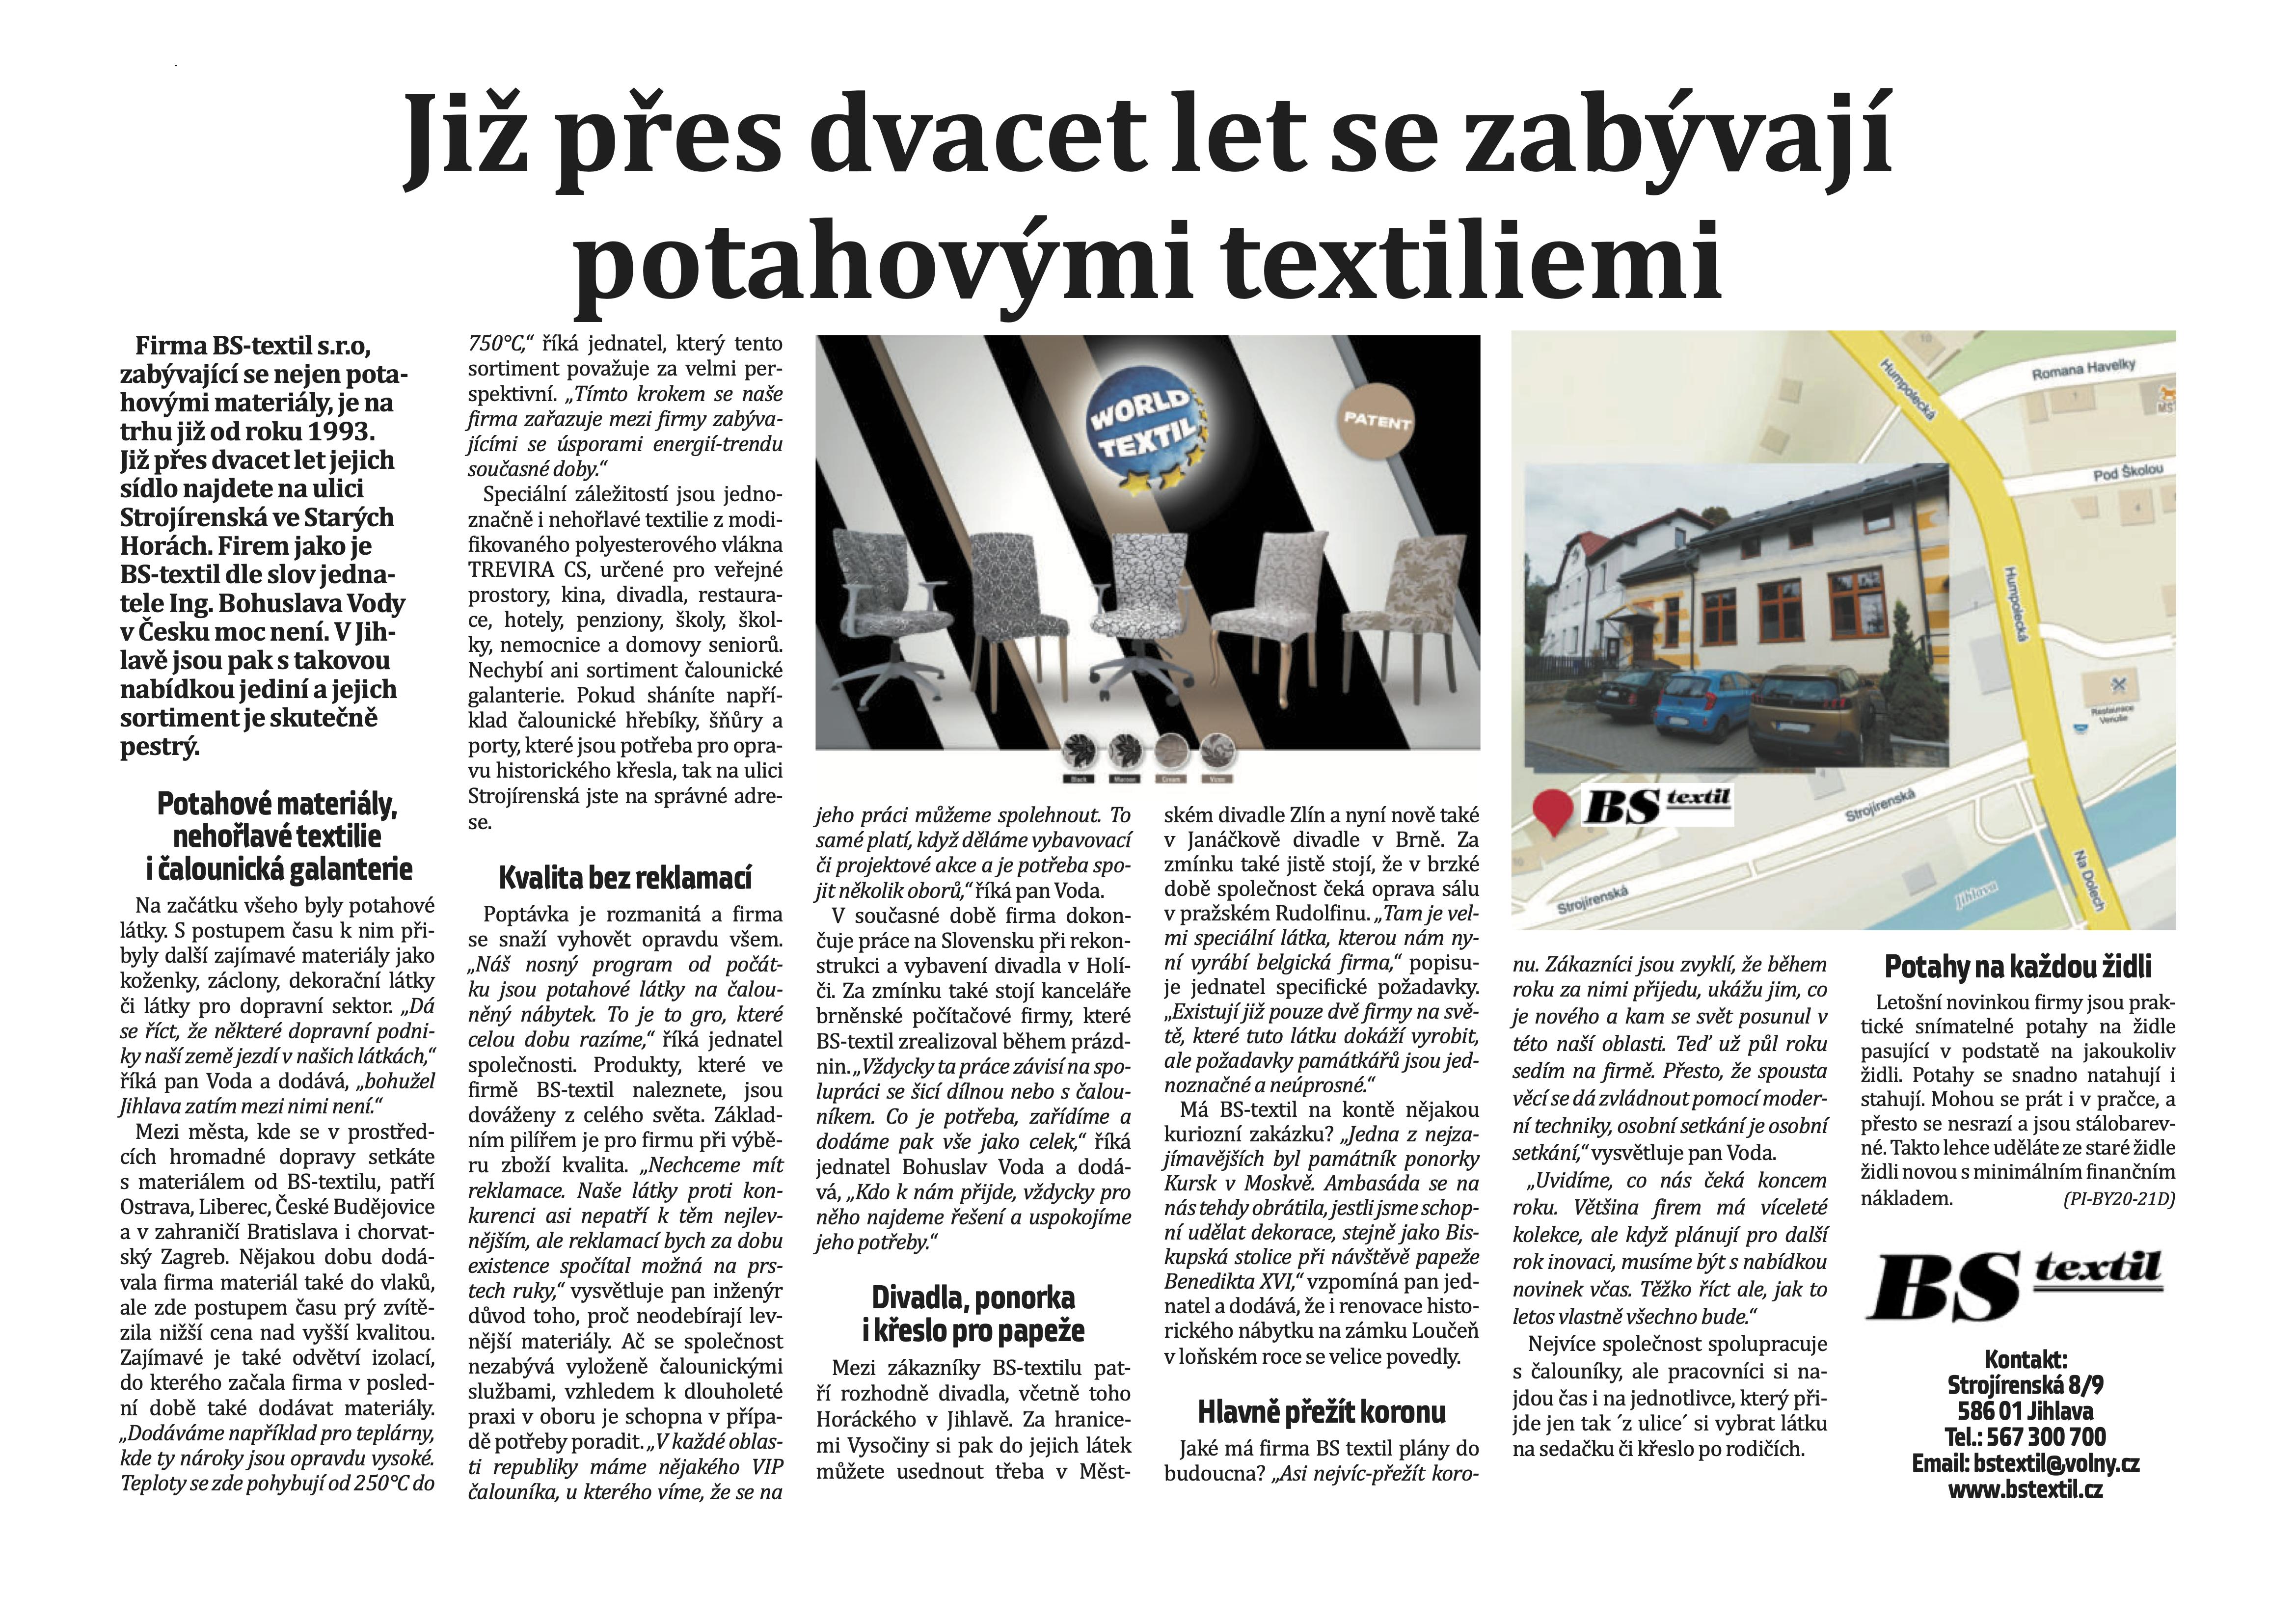 Reportáž o firmě BS-Textil v magazínu Jihlavských listů o bydlení